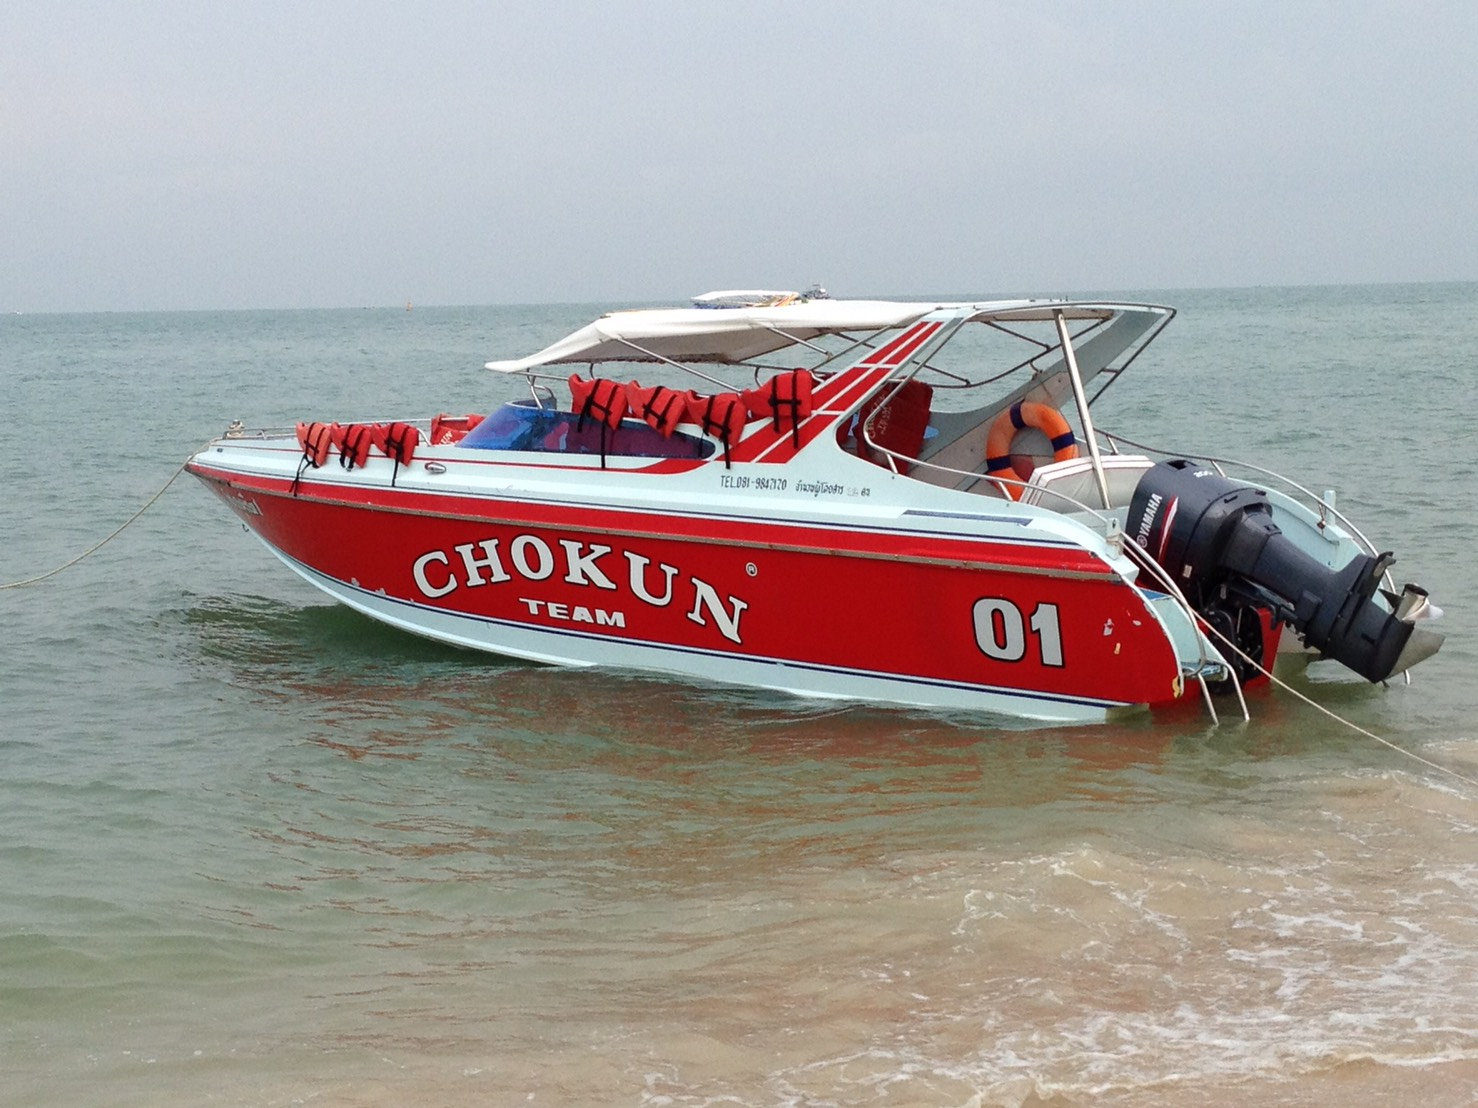 パタヤビーチ到着後、スピードボートに乗ってラン島へ。